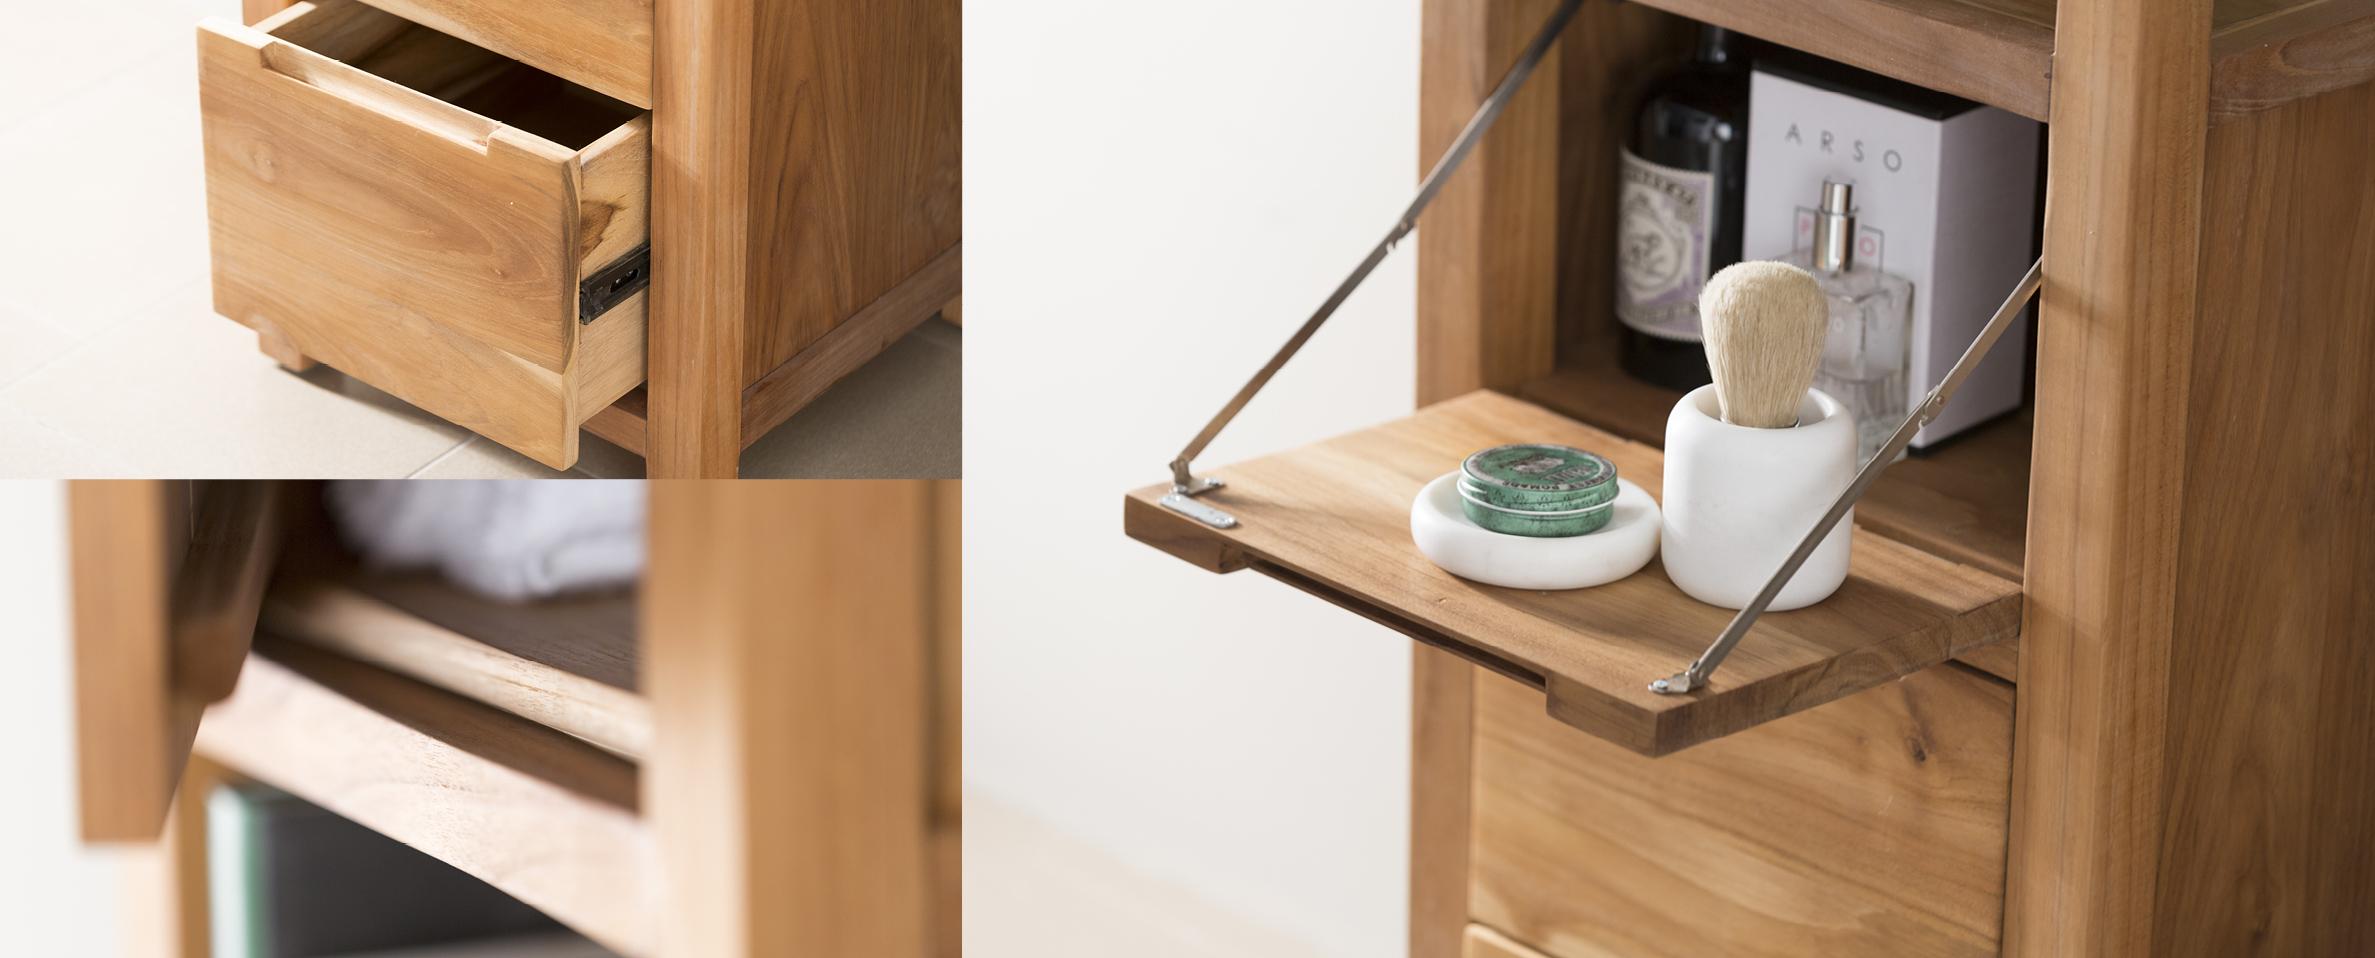 Portfolio accessori da parete e dintorni cip design - Bagno e dintorni ...